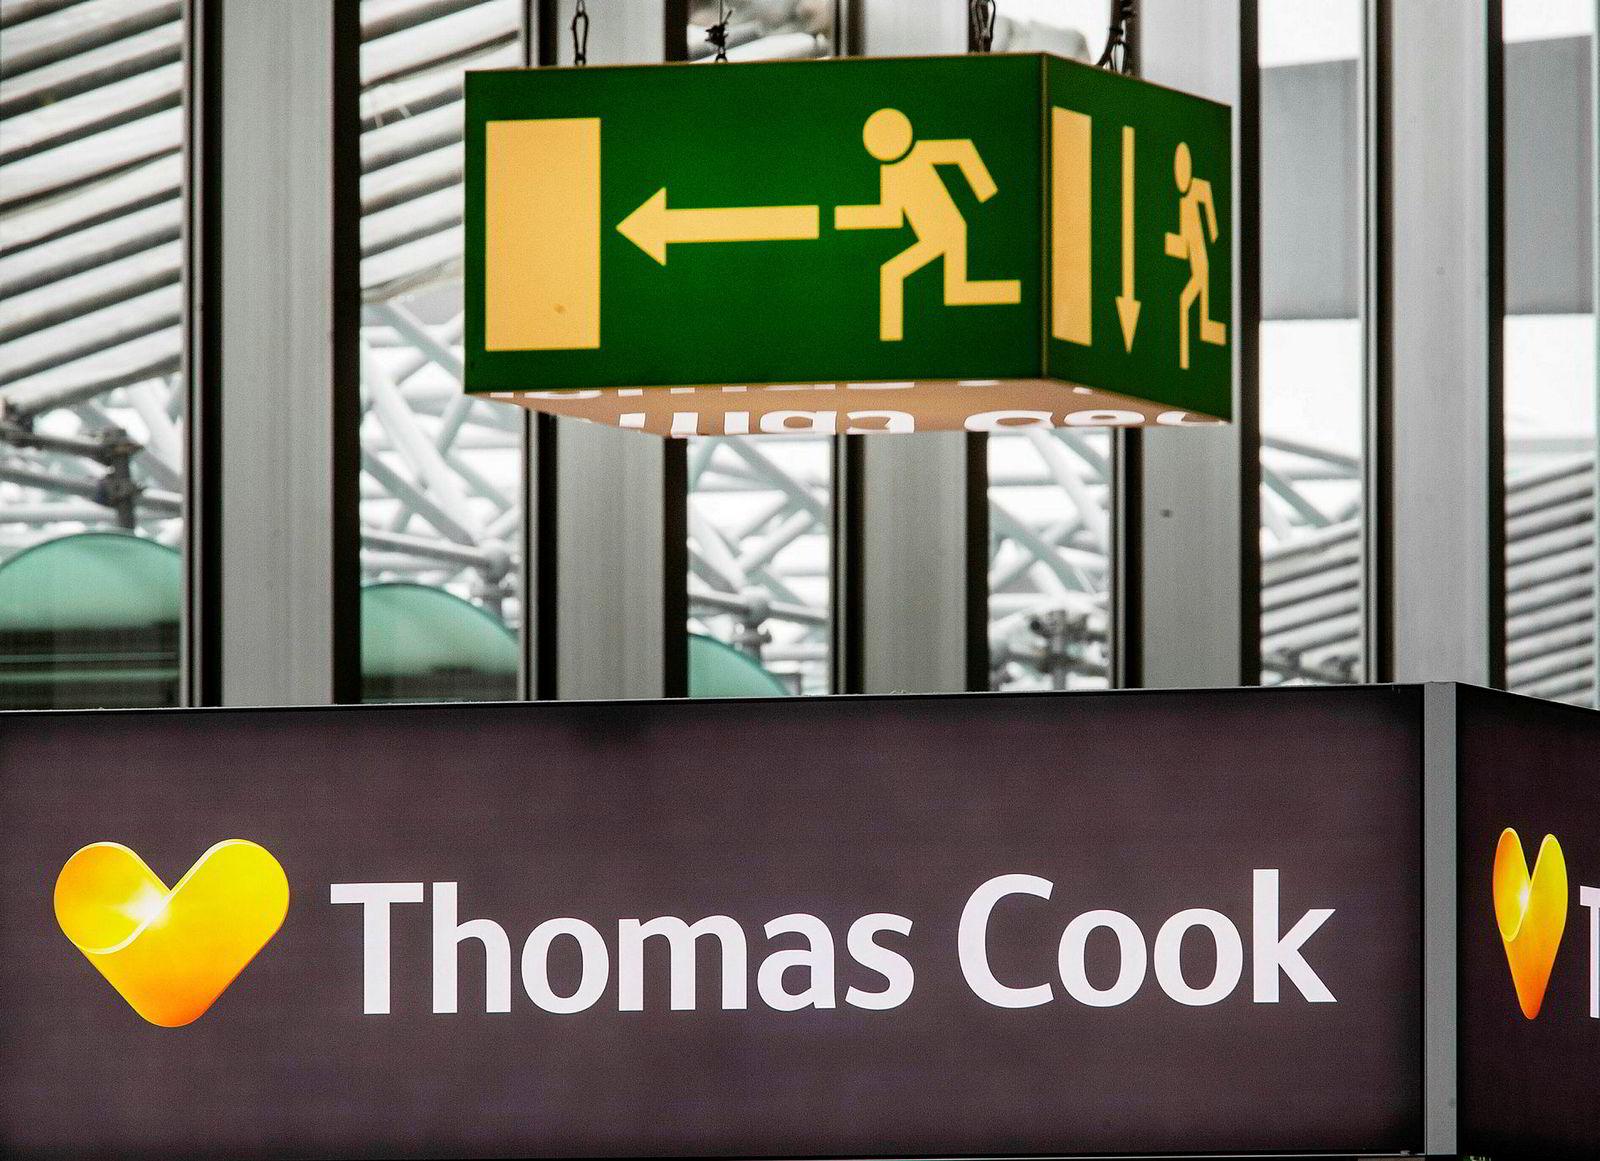 DNB har vært en av de største långiverne for Thomas Cook de senere år – og er hovedbankforbindelse til den nordiske virksomheten. Banken har allerede tatt et milliardtap etter konkursen.